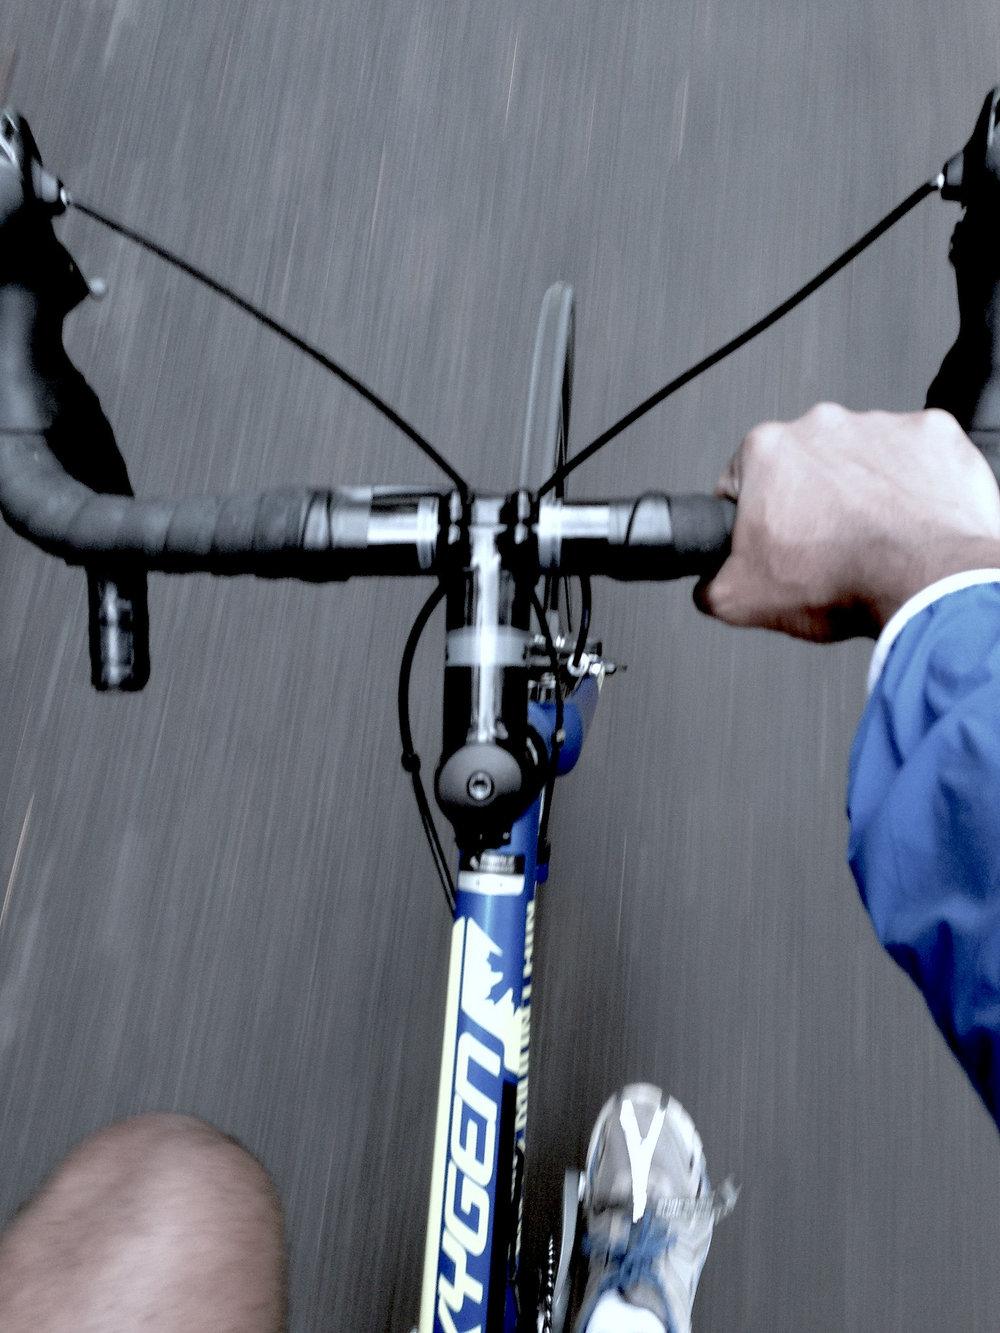 BikingSingleHandedly